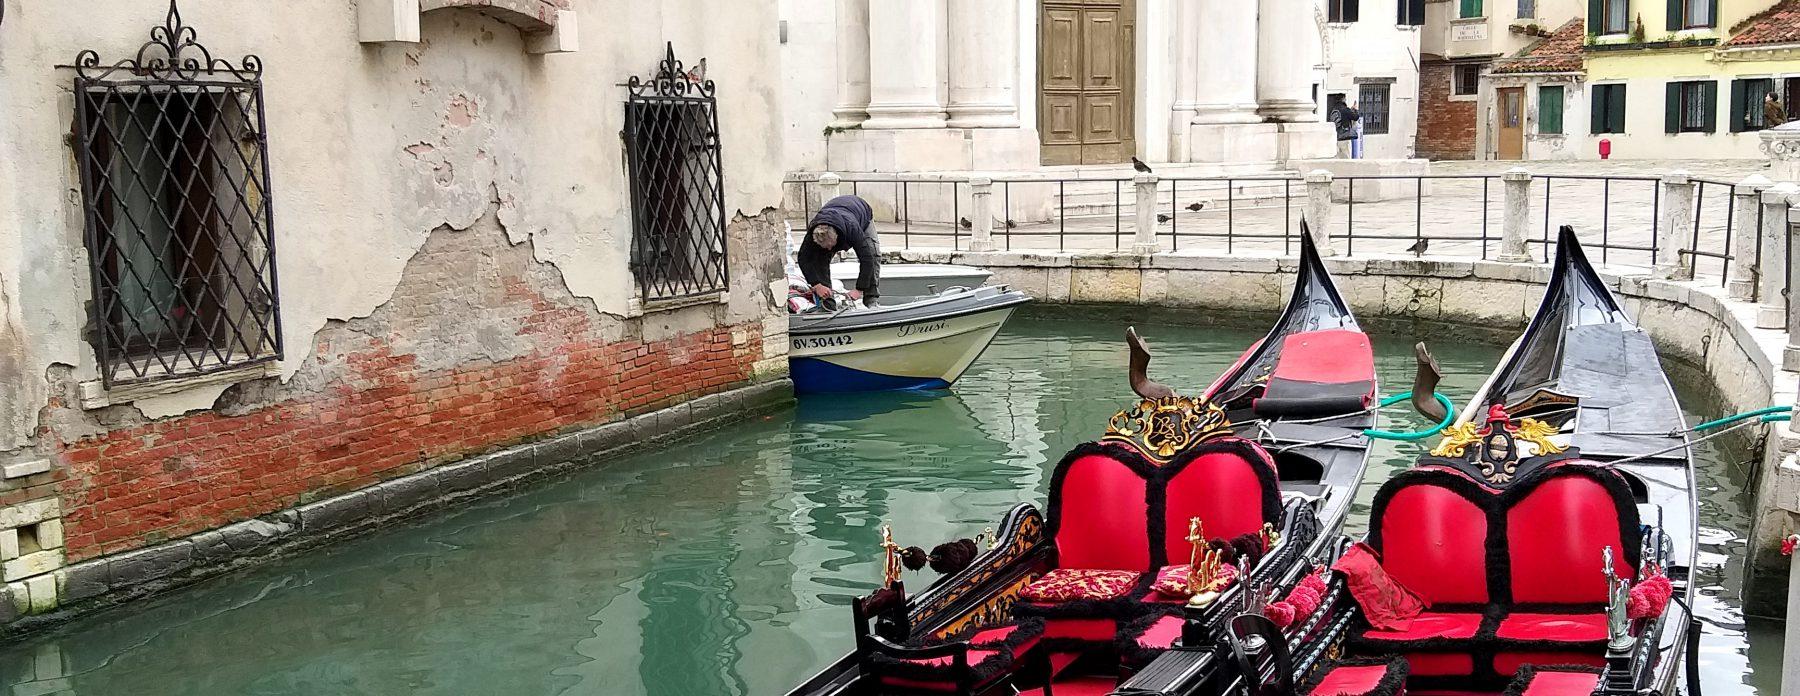 Amintiri din orașul gondolelor. Veneția din poze versus Veneția cea reală